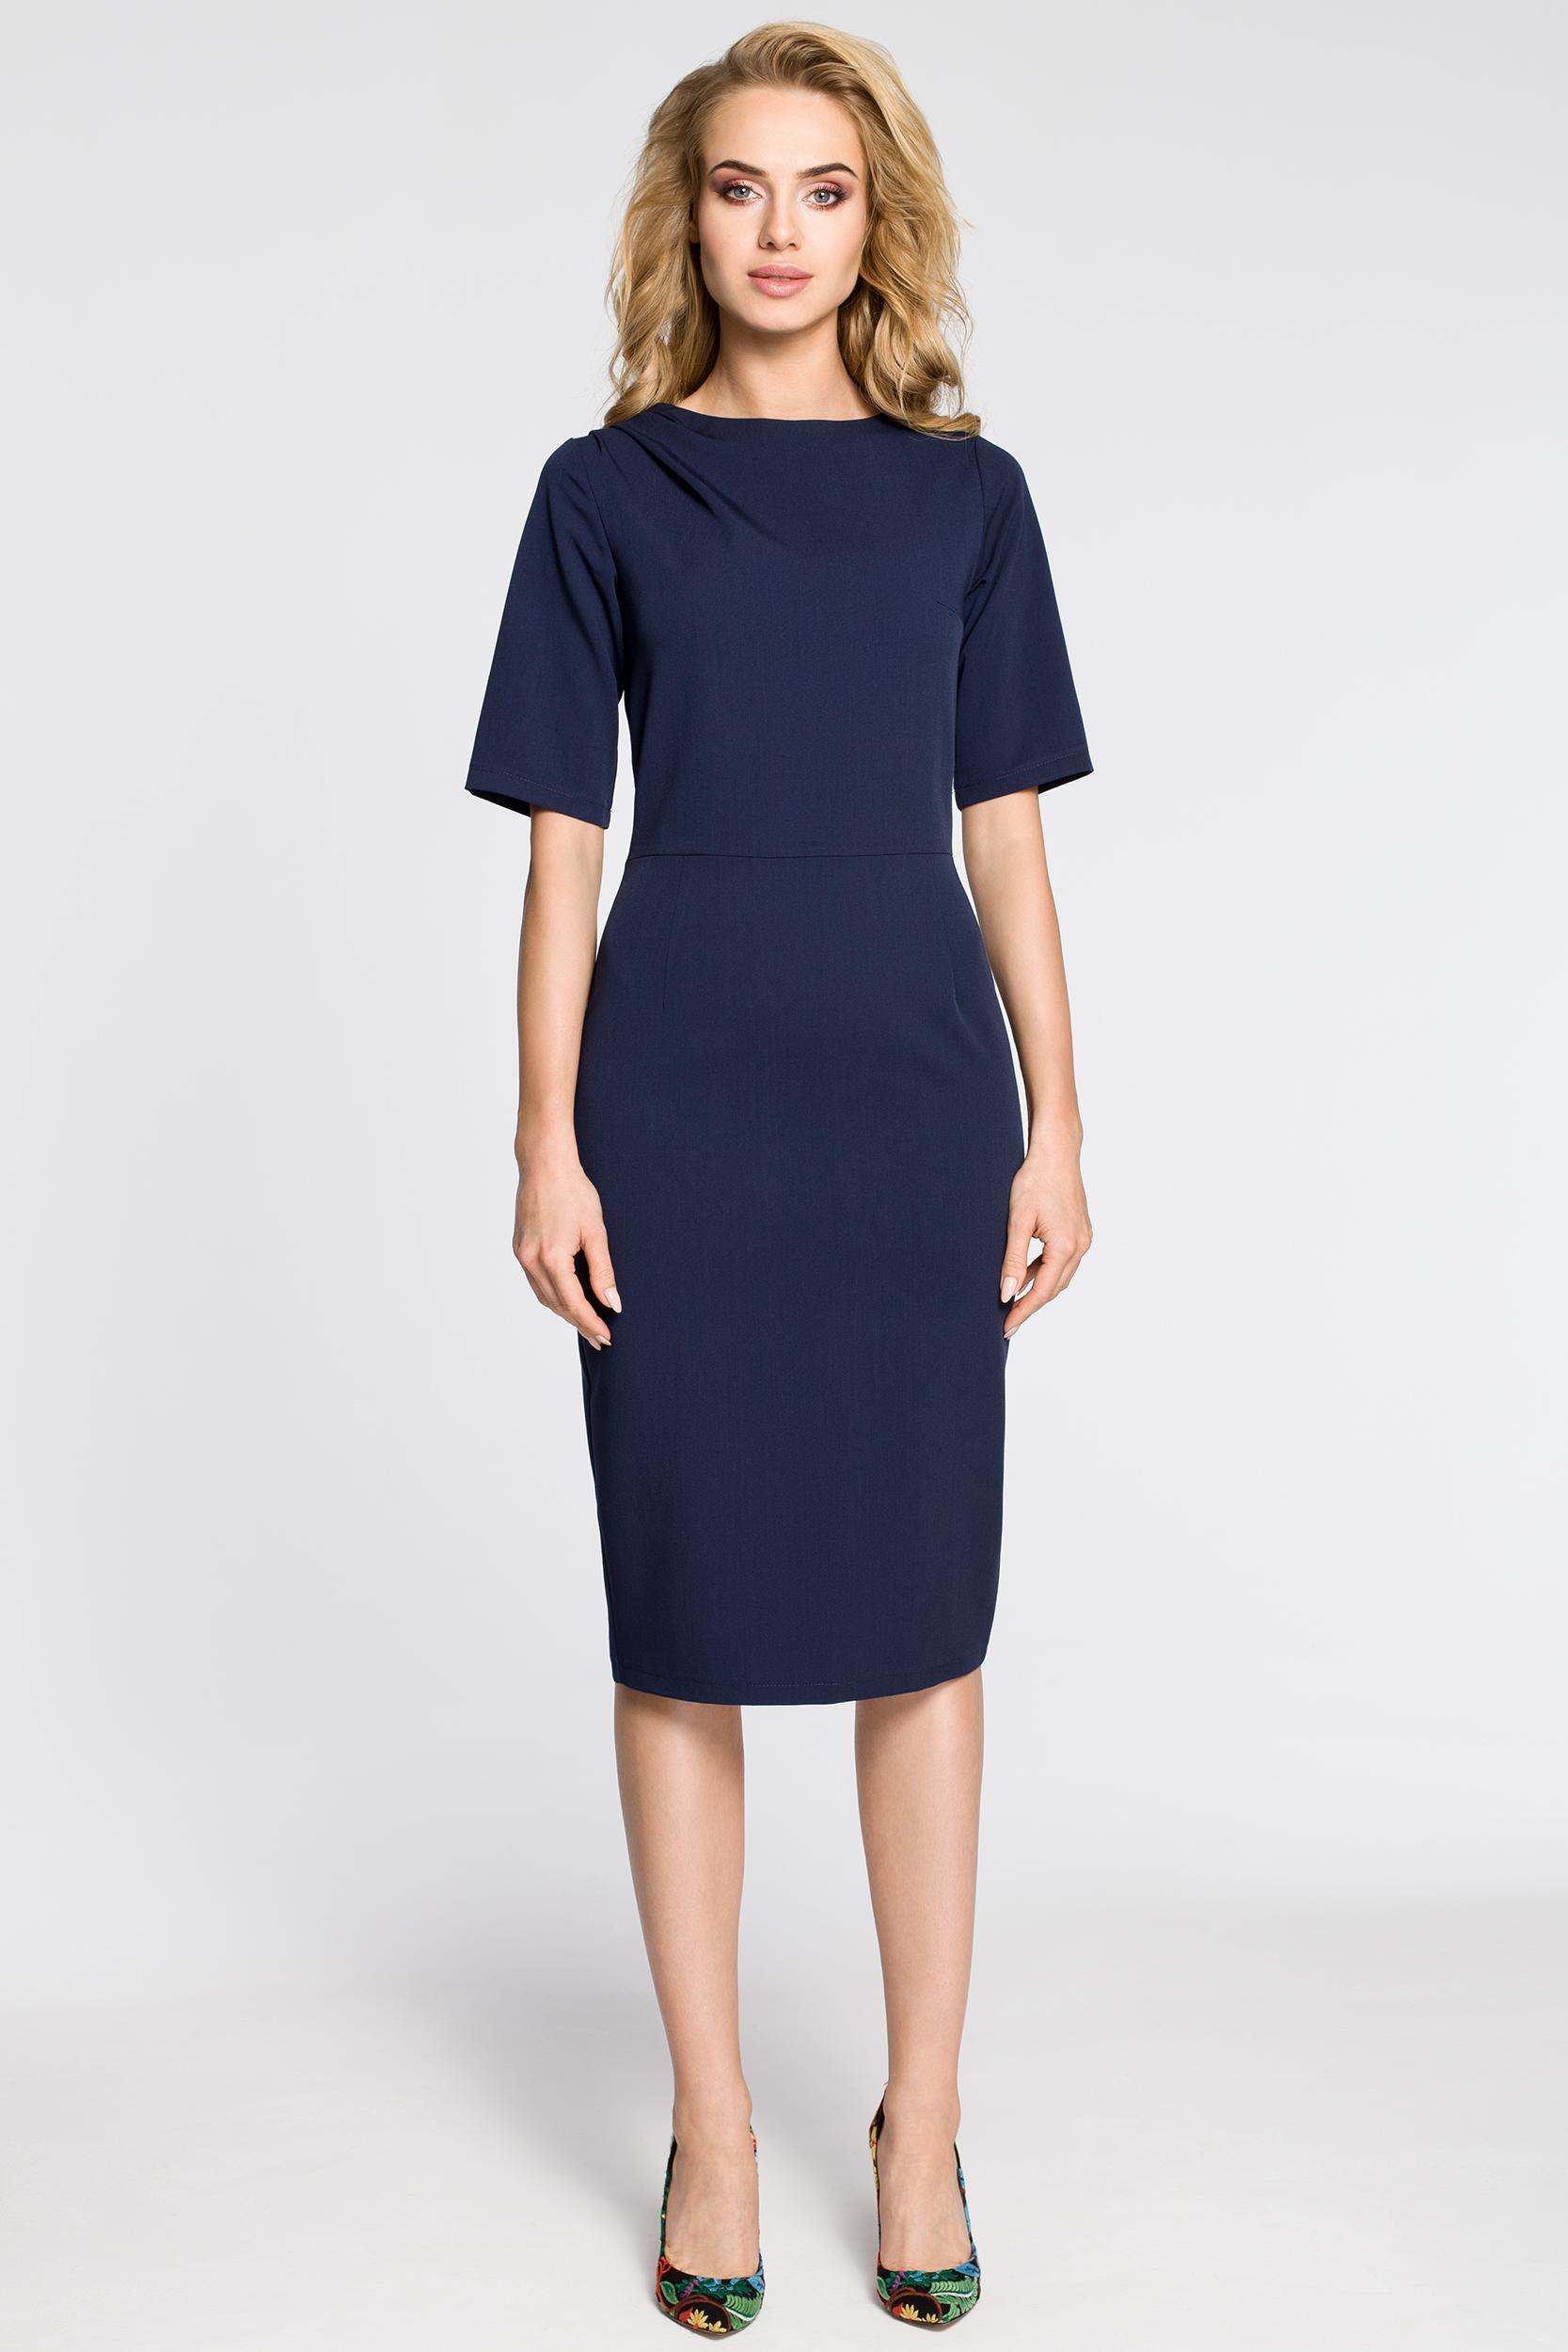 CM2682 Dopasowana sukienka ołówkowa za kolano - granatowa